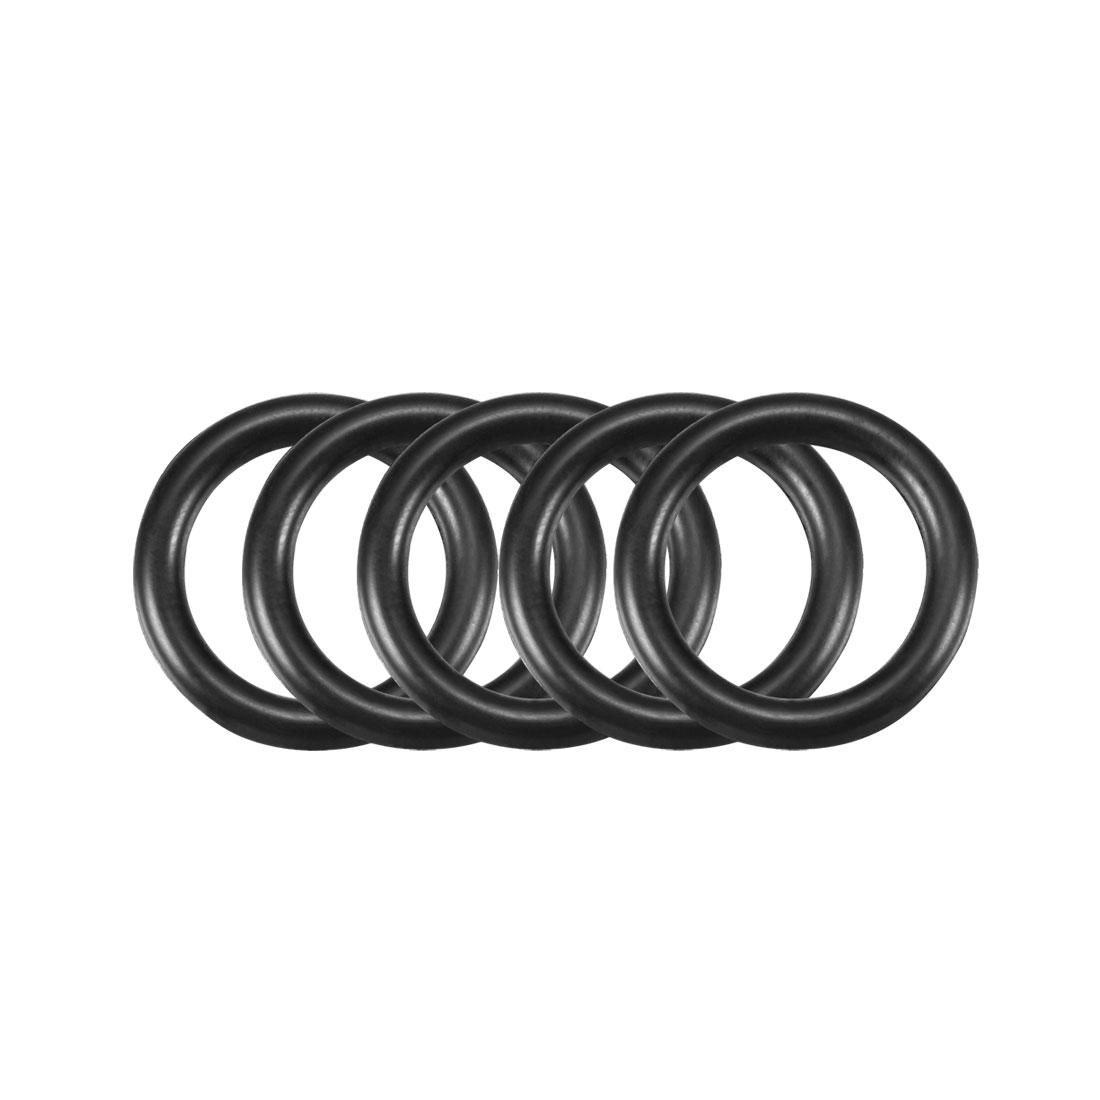 50pcs Black Nitrile Butadiene Rubber NBR O-Ring 11.8mm Inner Dia 2.4mm Width